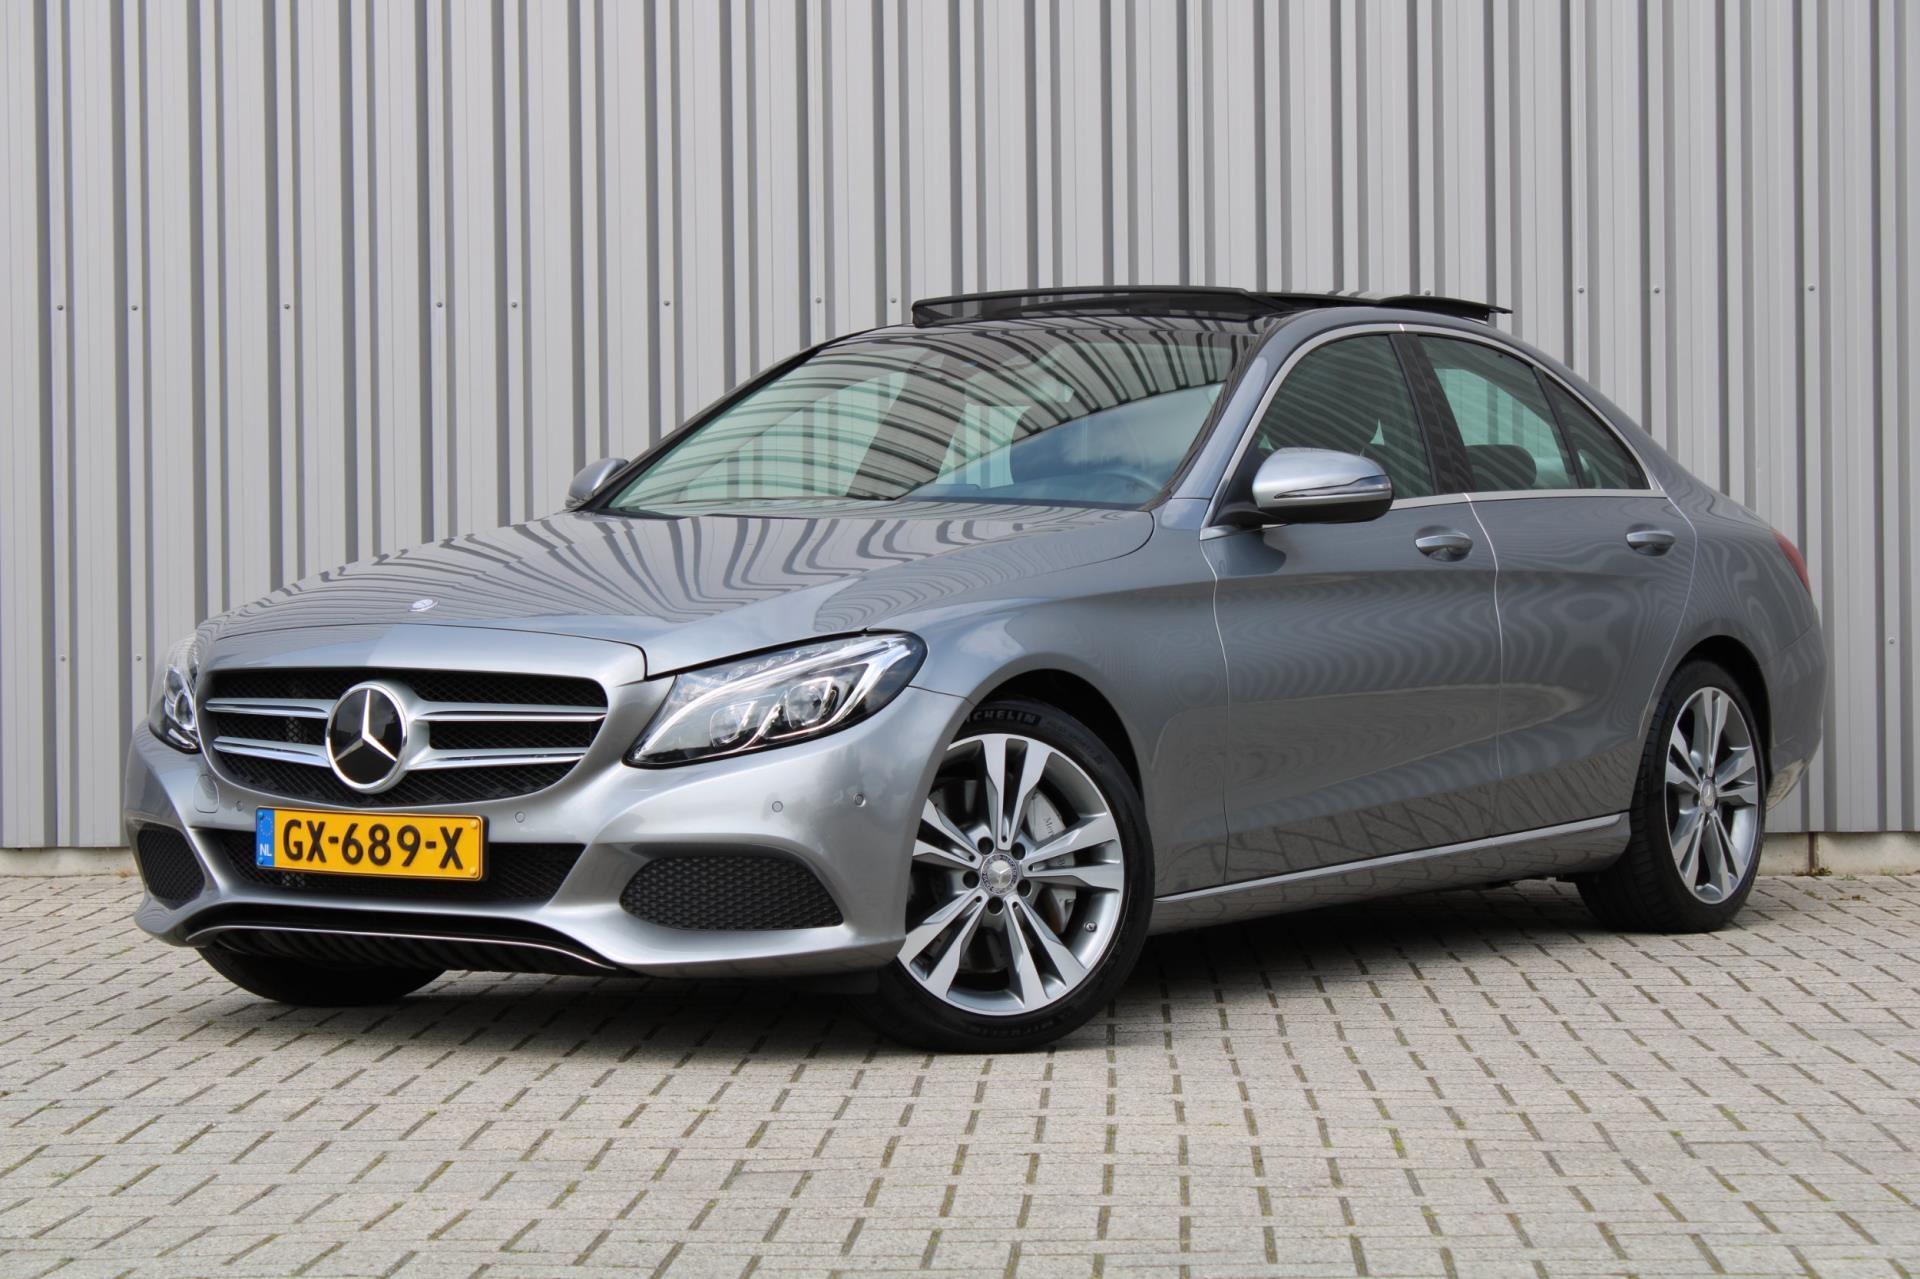 Mercedes-Benz C-klasse occasion - Autobedrijf Van De Klundert